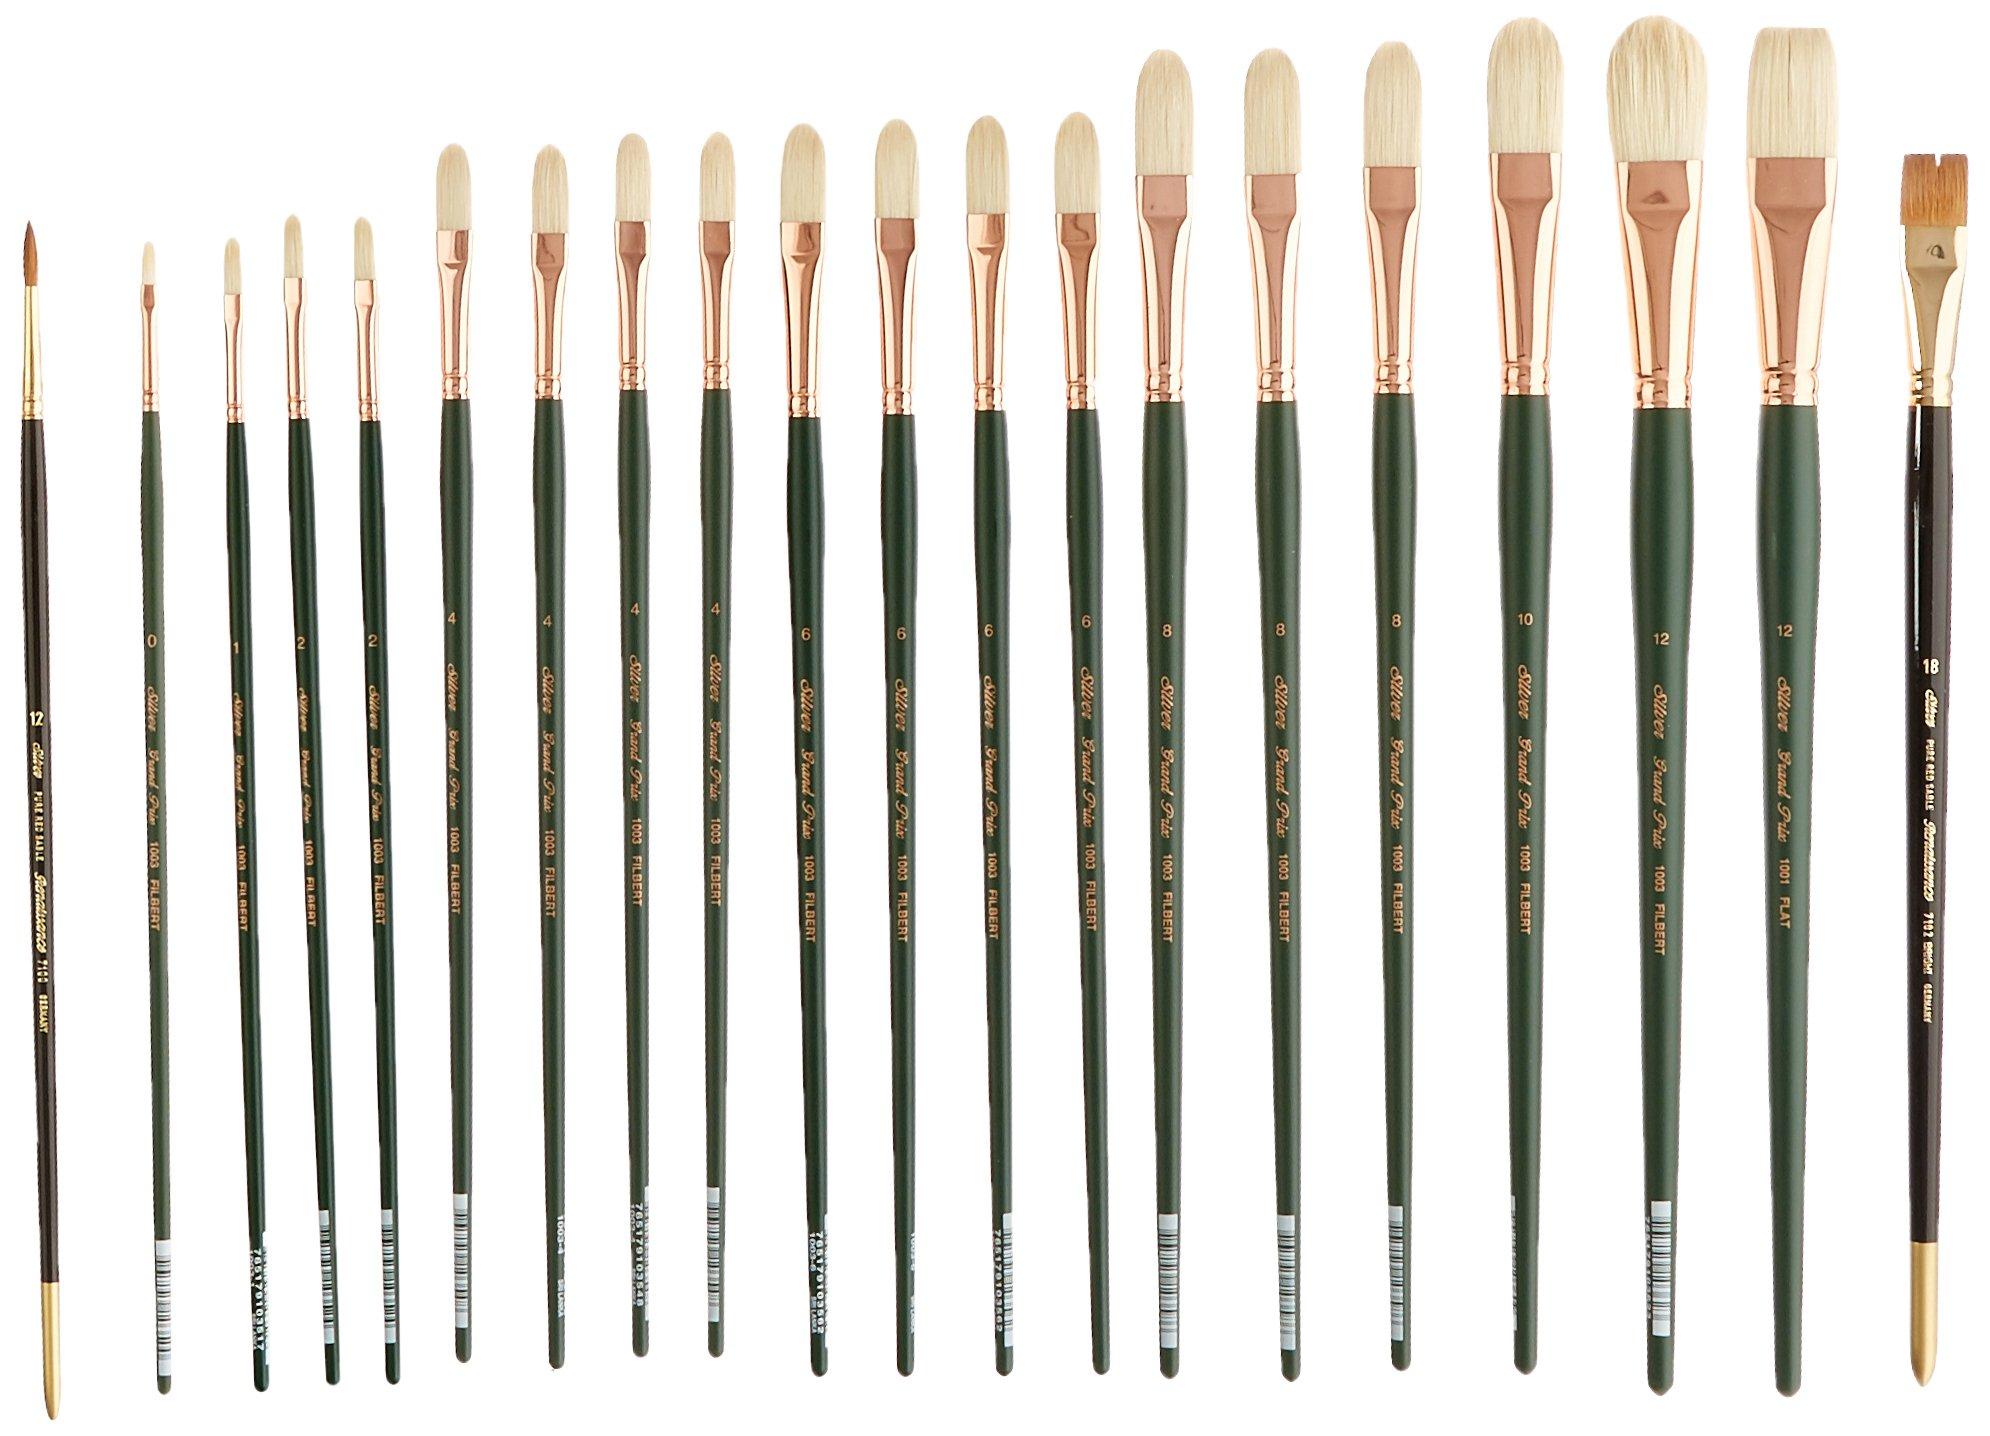 Silver Brush EK-220 Everett Raymond Kinstler Portrait Brush Set, 20 Per Pack